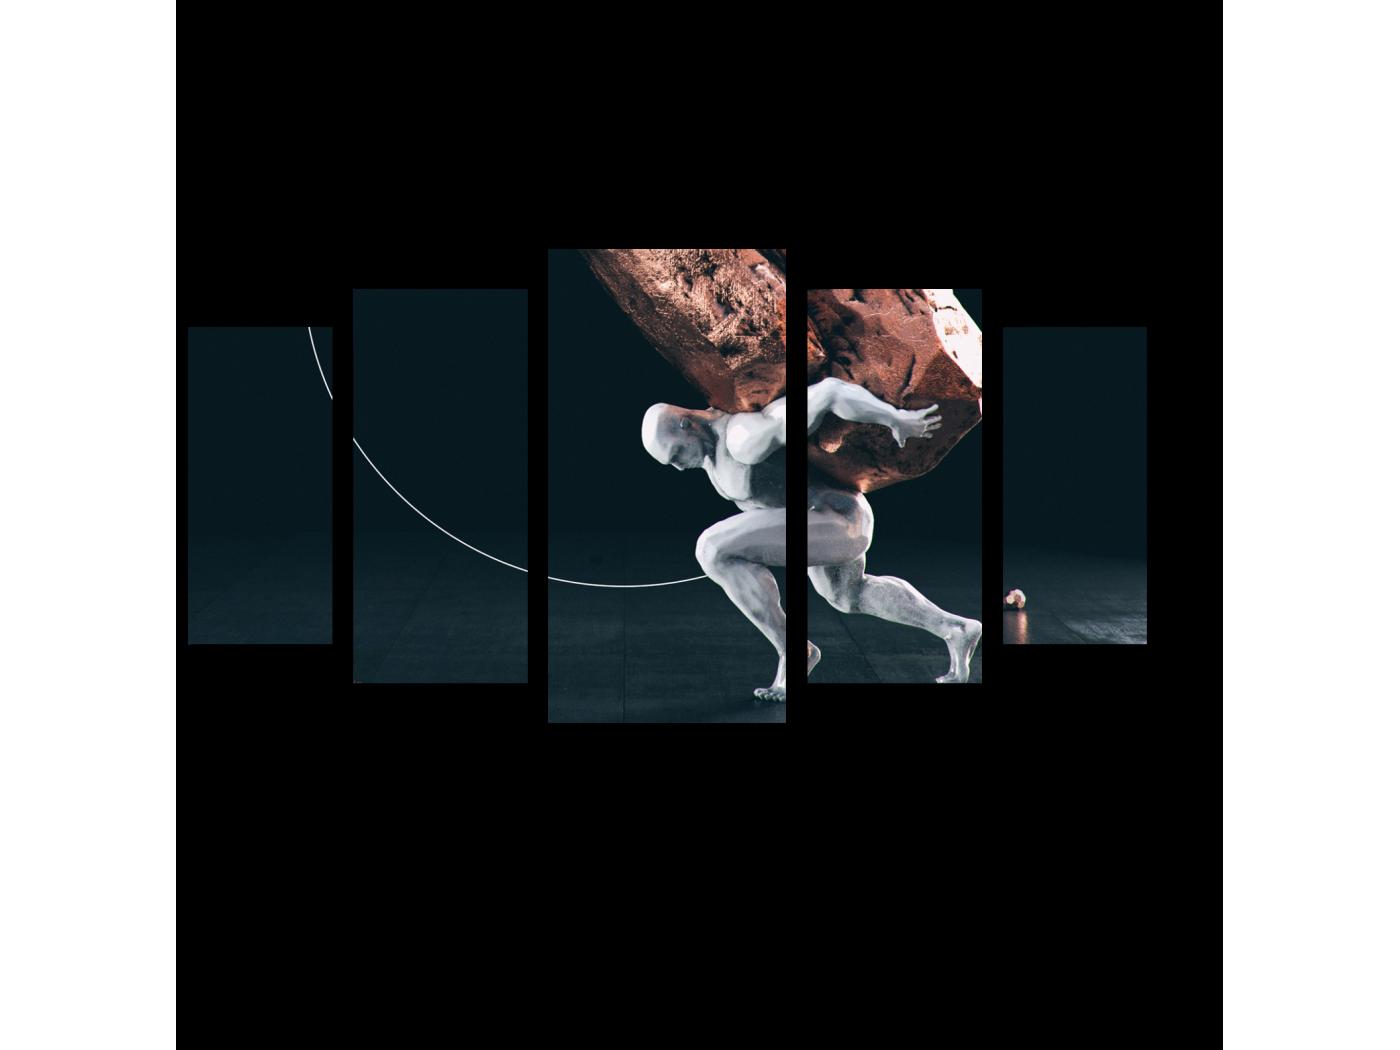 Модульная картина Выносливость (100x55) фото